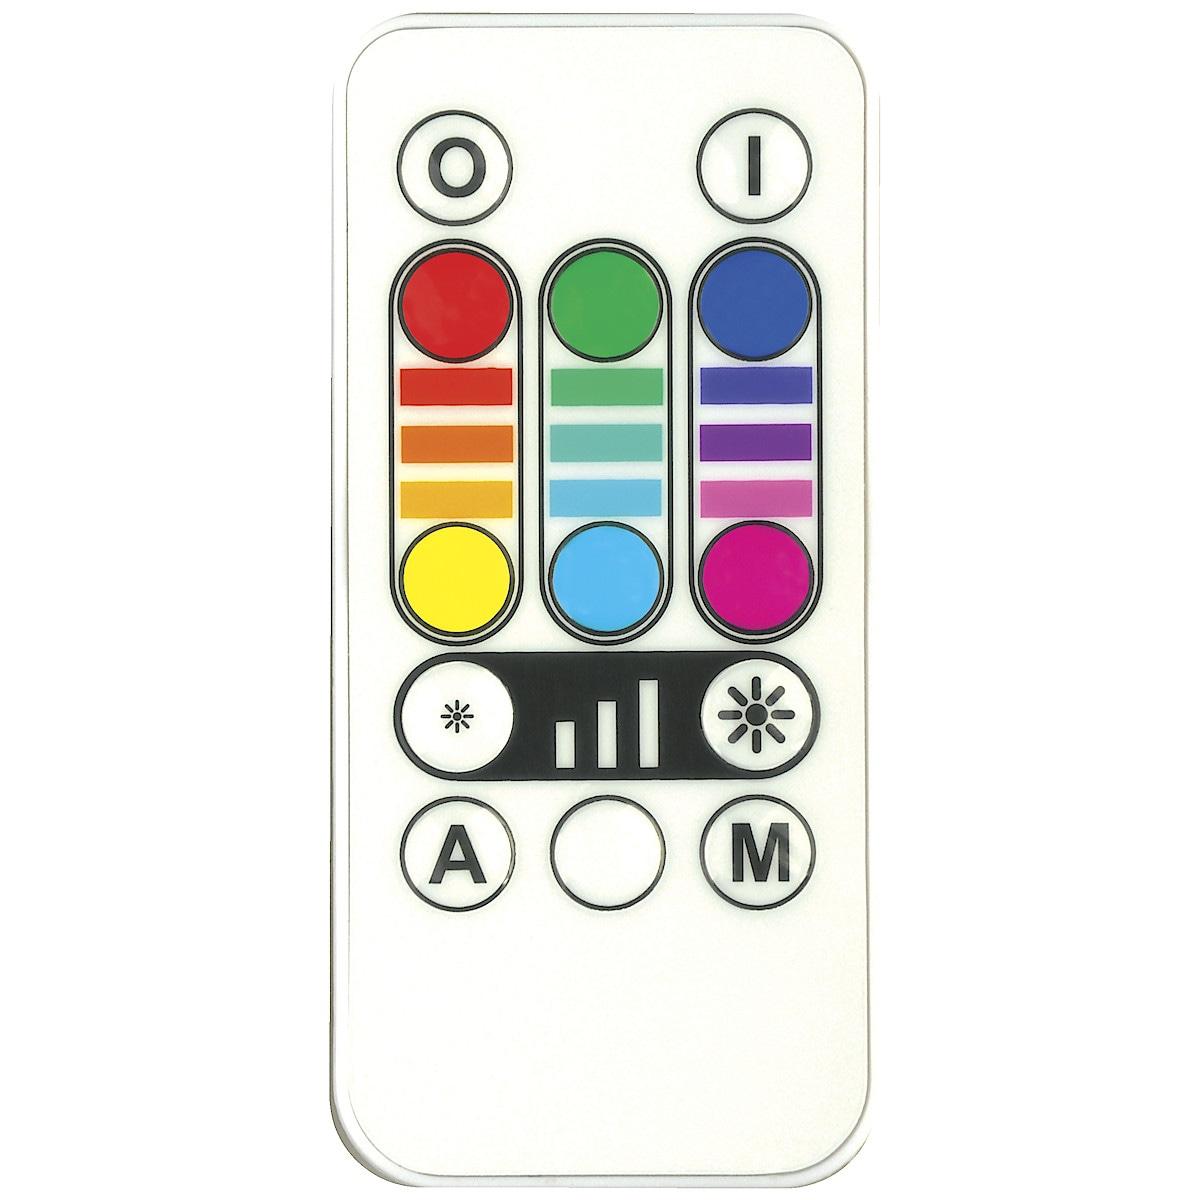 LED RGB-pære med fjernkontroll, 3,2 W